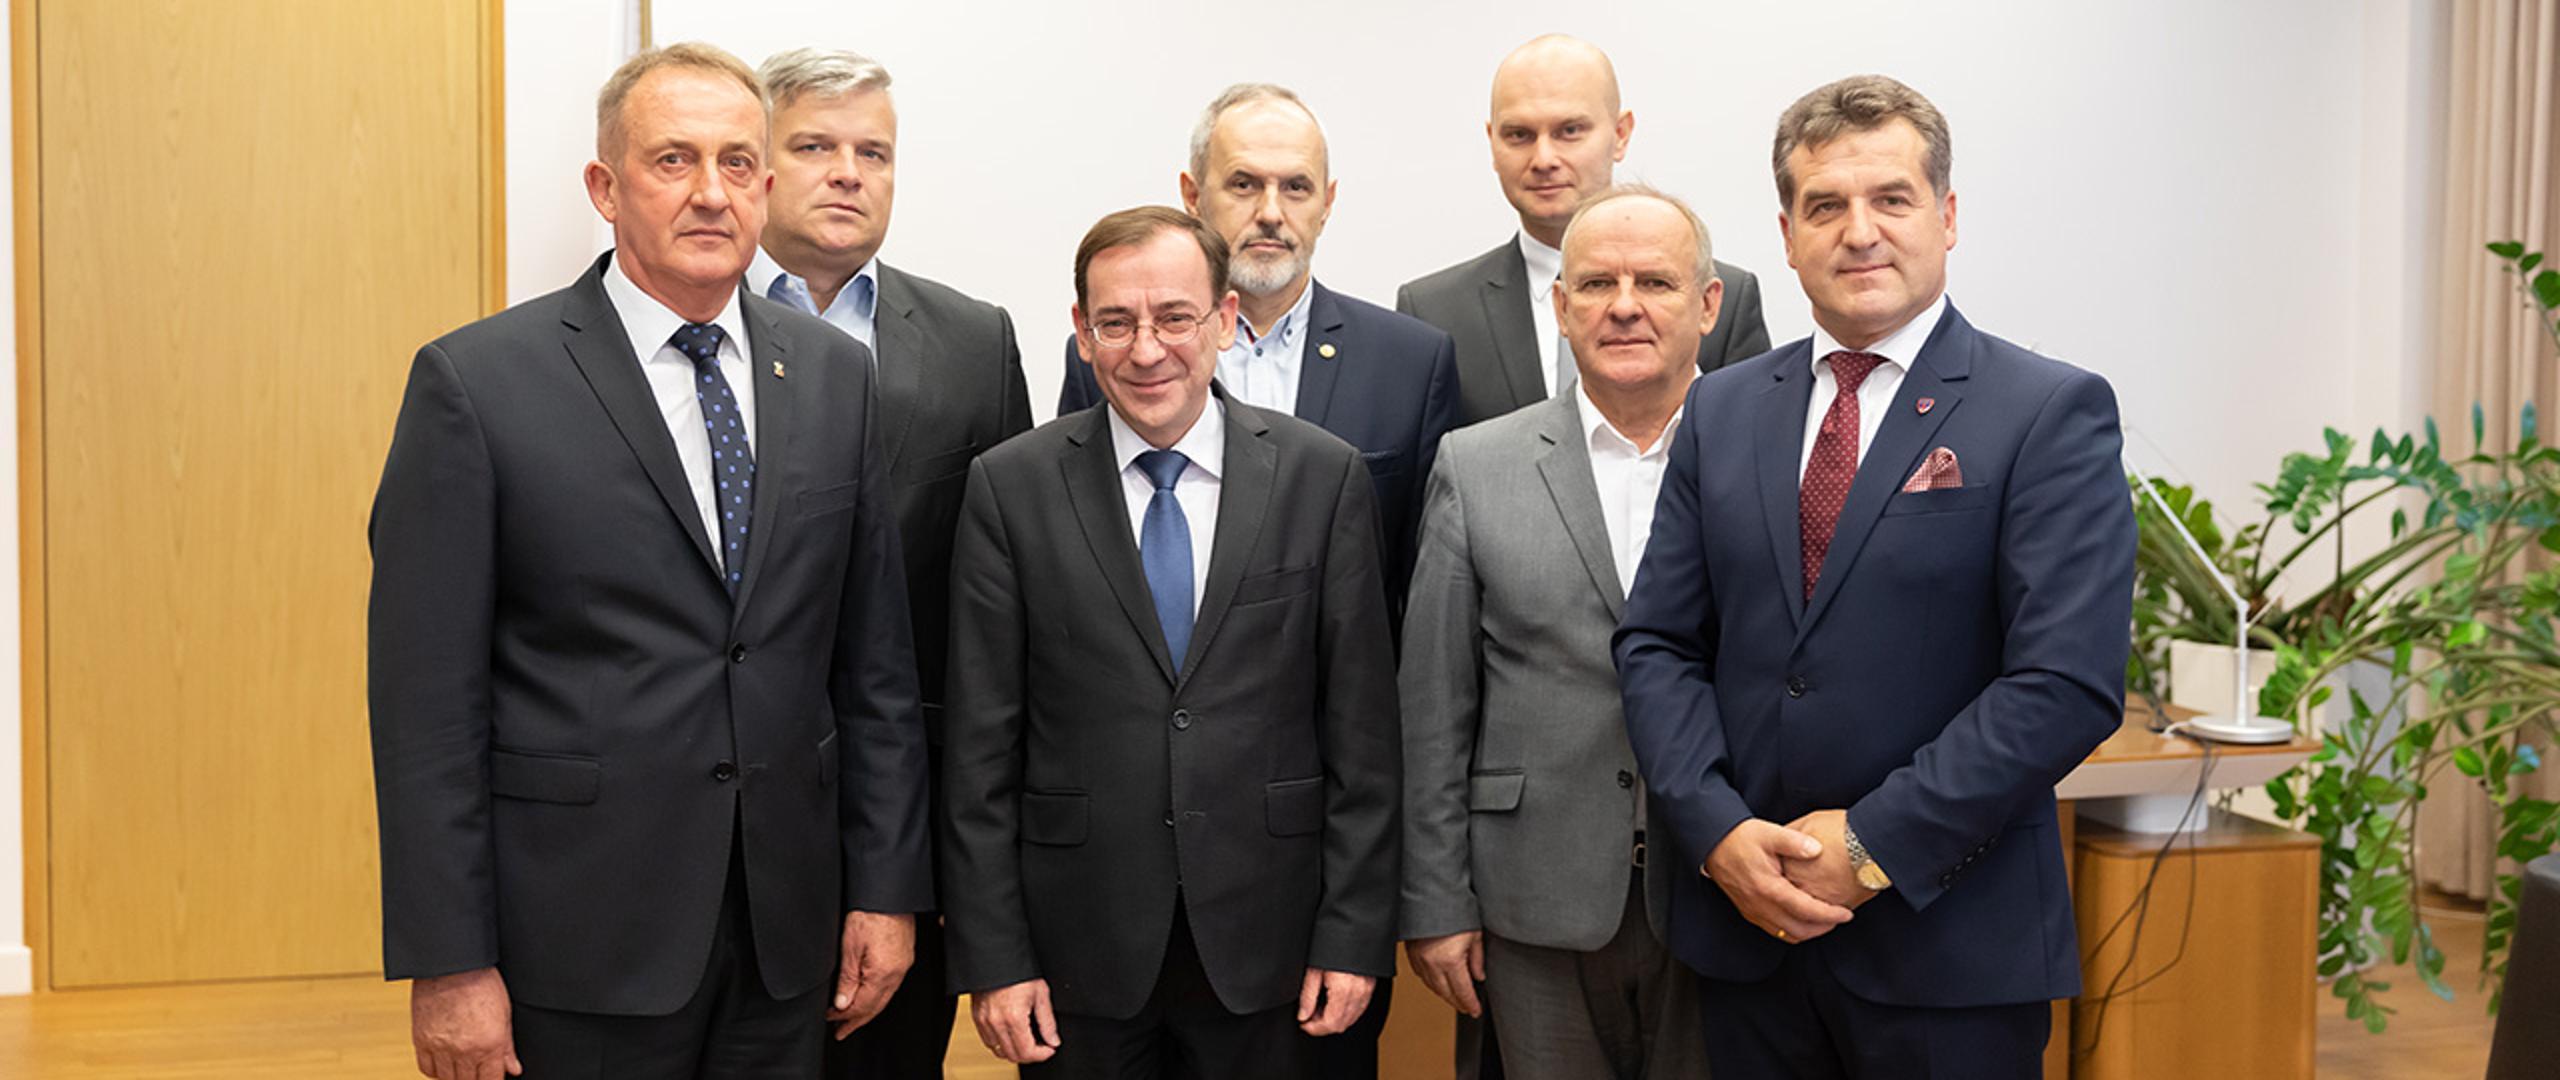 Spotkanie Ministra Mariusza Kamińskiego z przedstawicielami związków zawodowych PSP